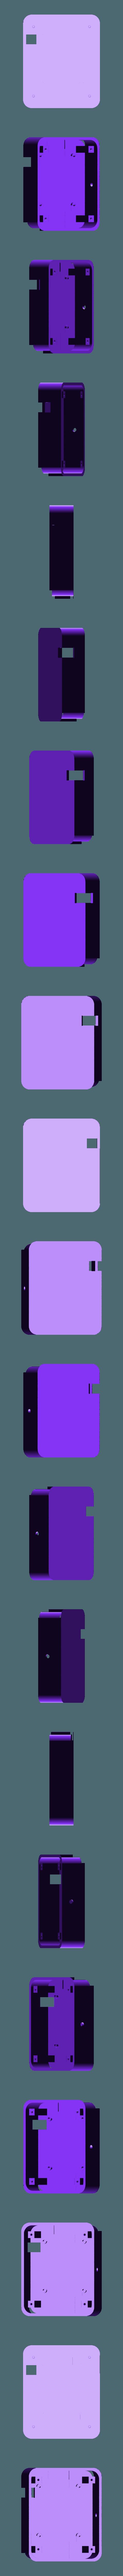 raspi_case.stl Télécharger fichier STL gratuit Étui Raspberry Pi avec caméra et émetteur • Plan à imprimer en 3D, vmi